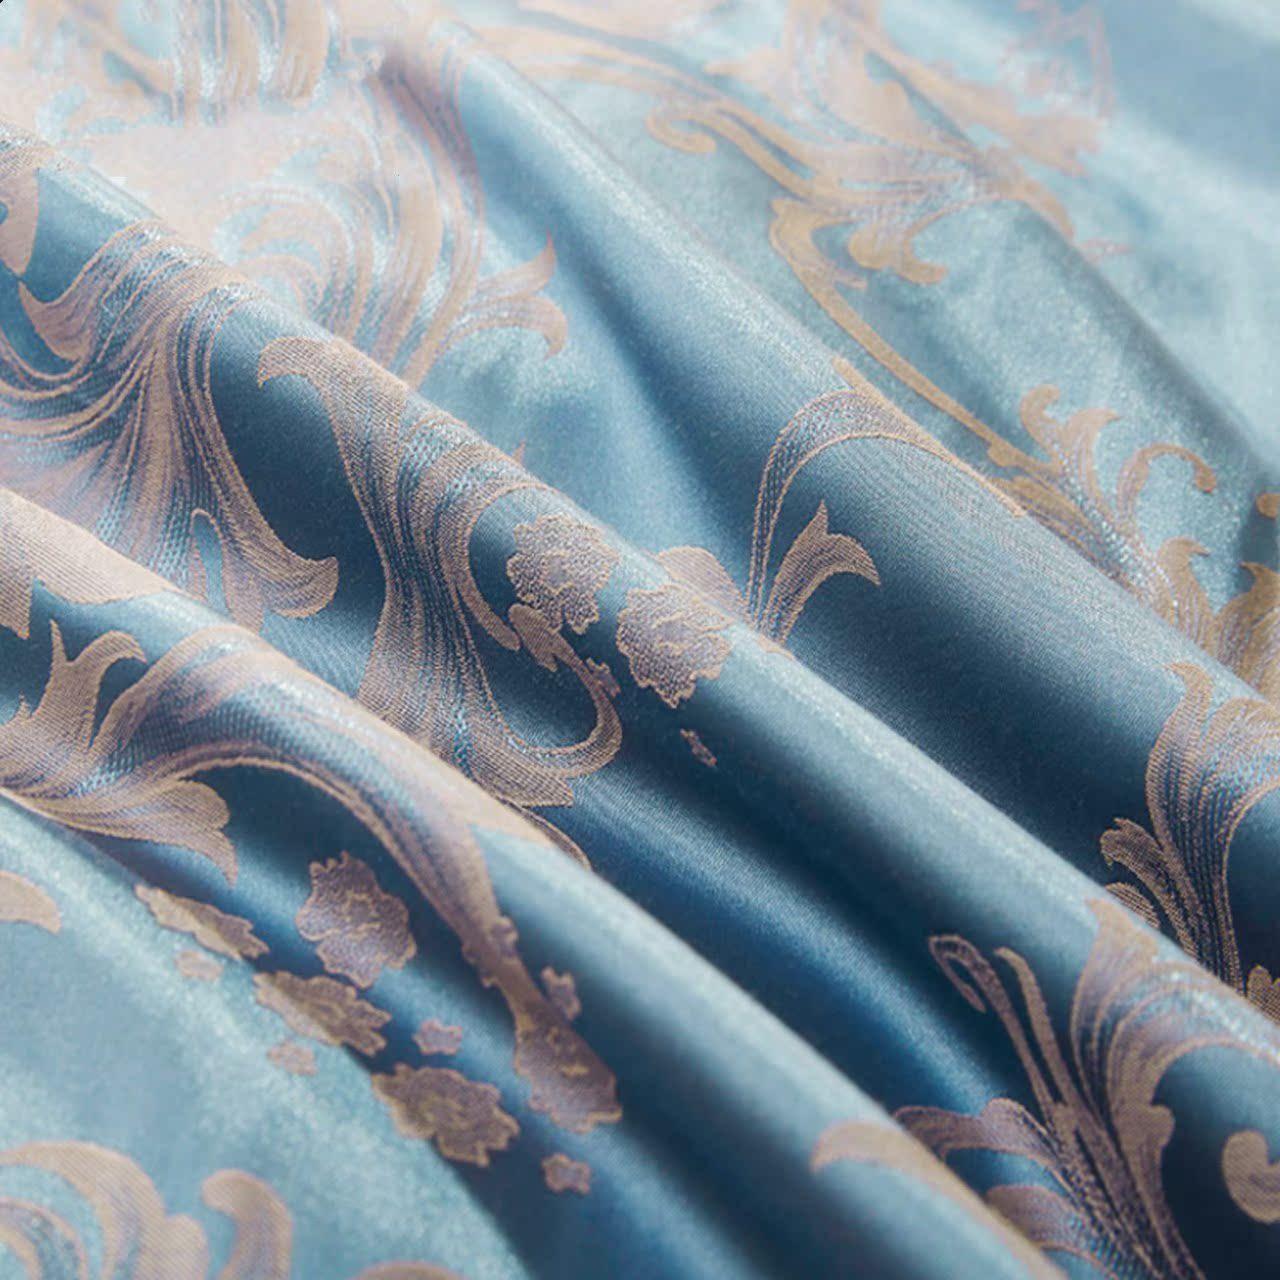 European Cotton Satin Jacquard Silk four piece 1.5m1.8m bedding cotton embroidery double quilt